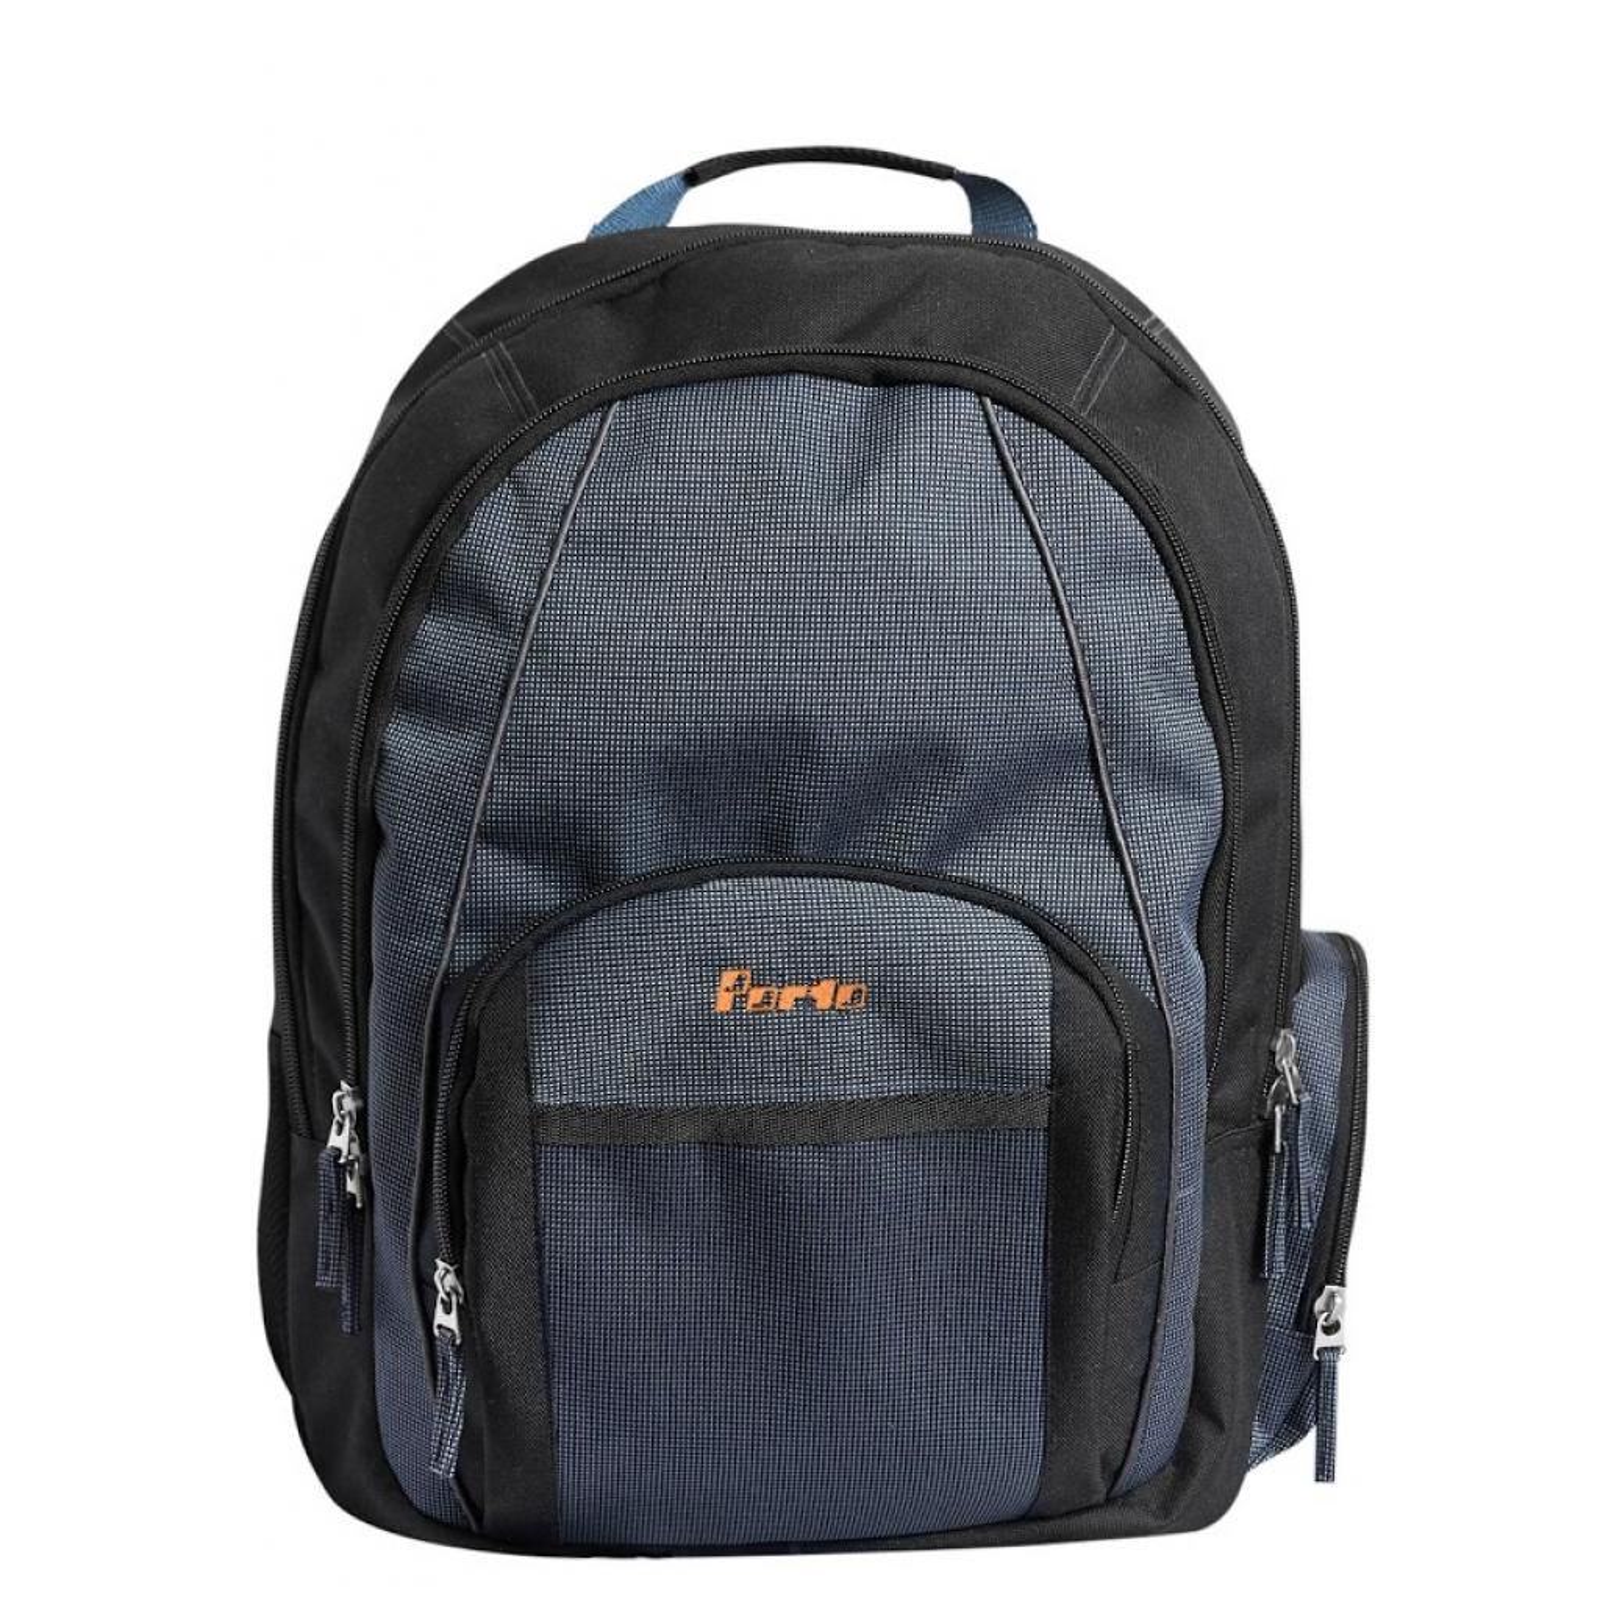 Рюкзак для ноутбука PORTO 15.6 (BN115G)